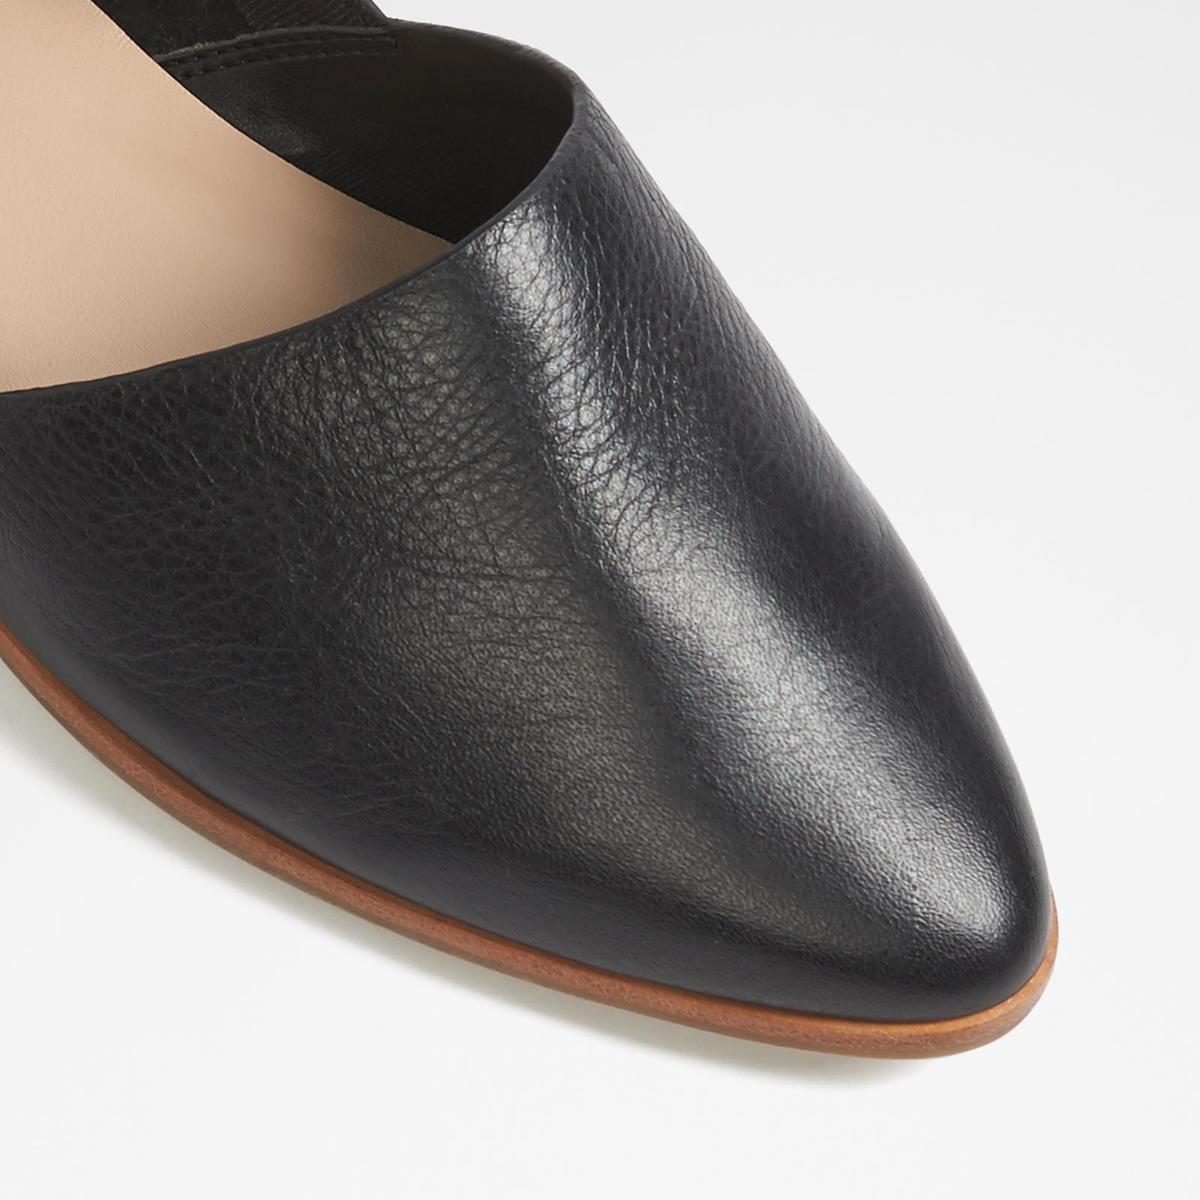 Zapatos de mujer aldo blanchette s 306 00 en mercado libre for Oficinas dhl peru